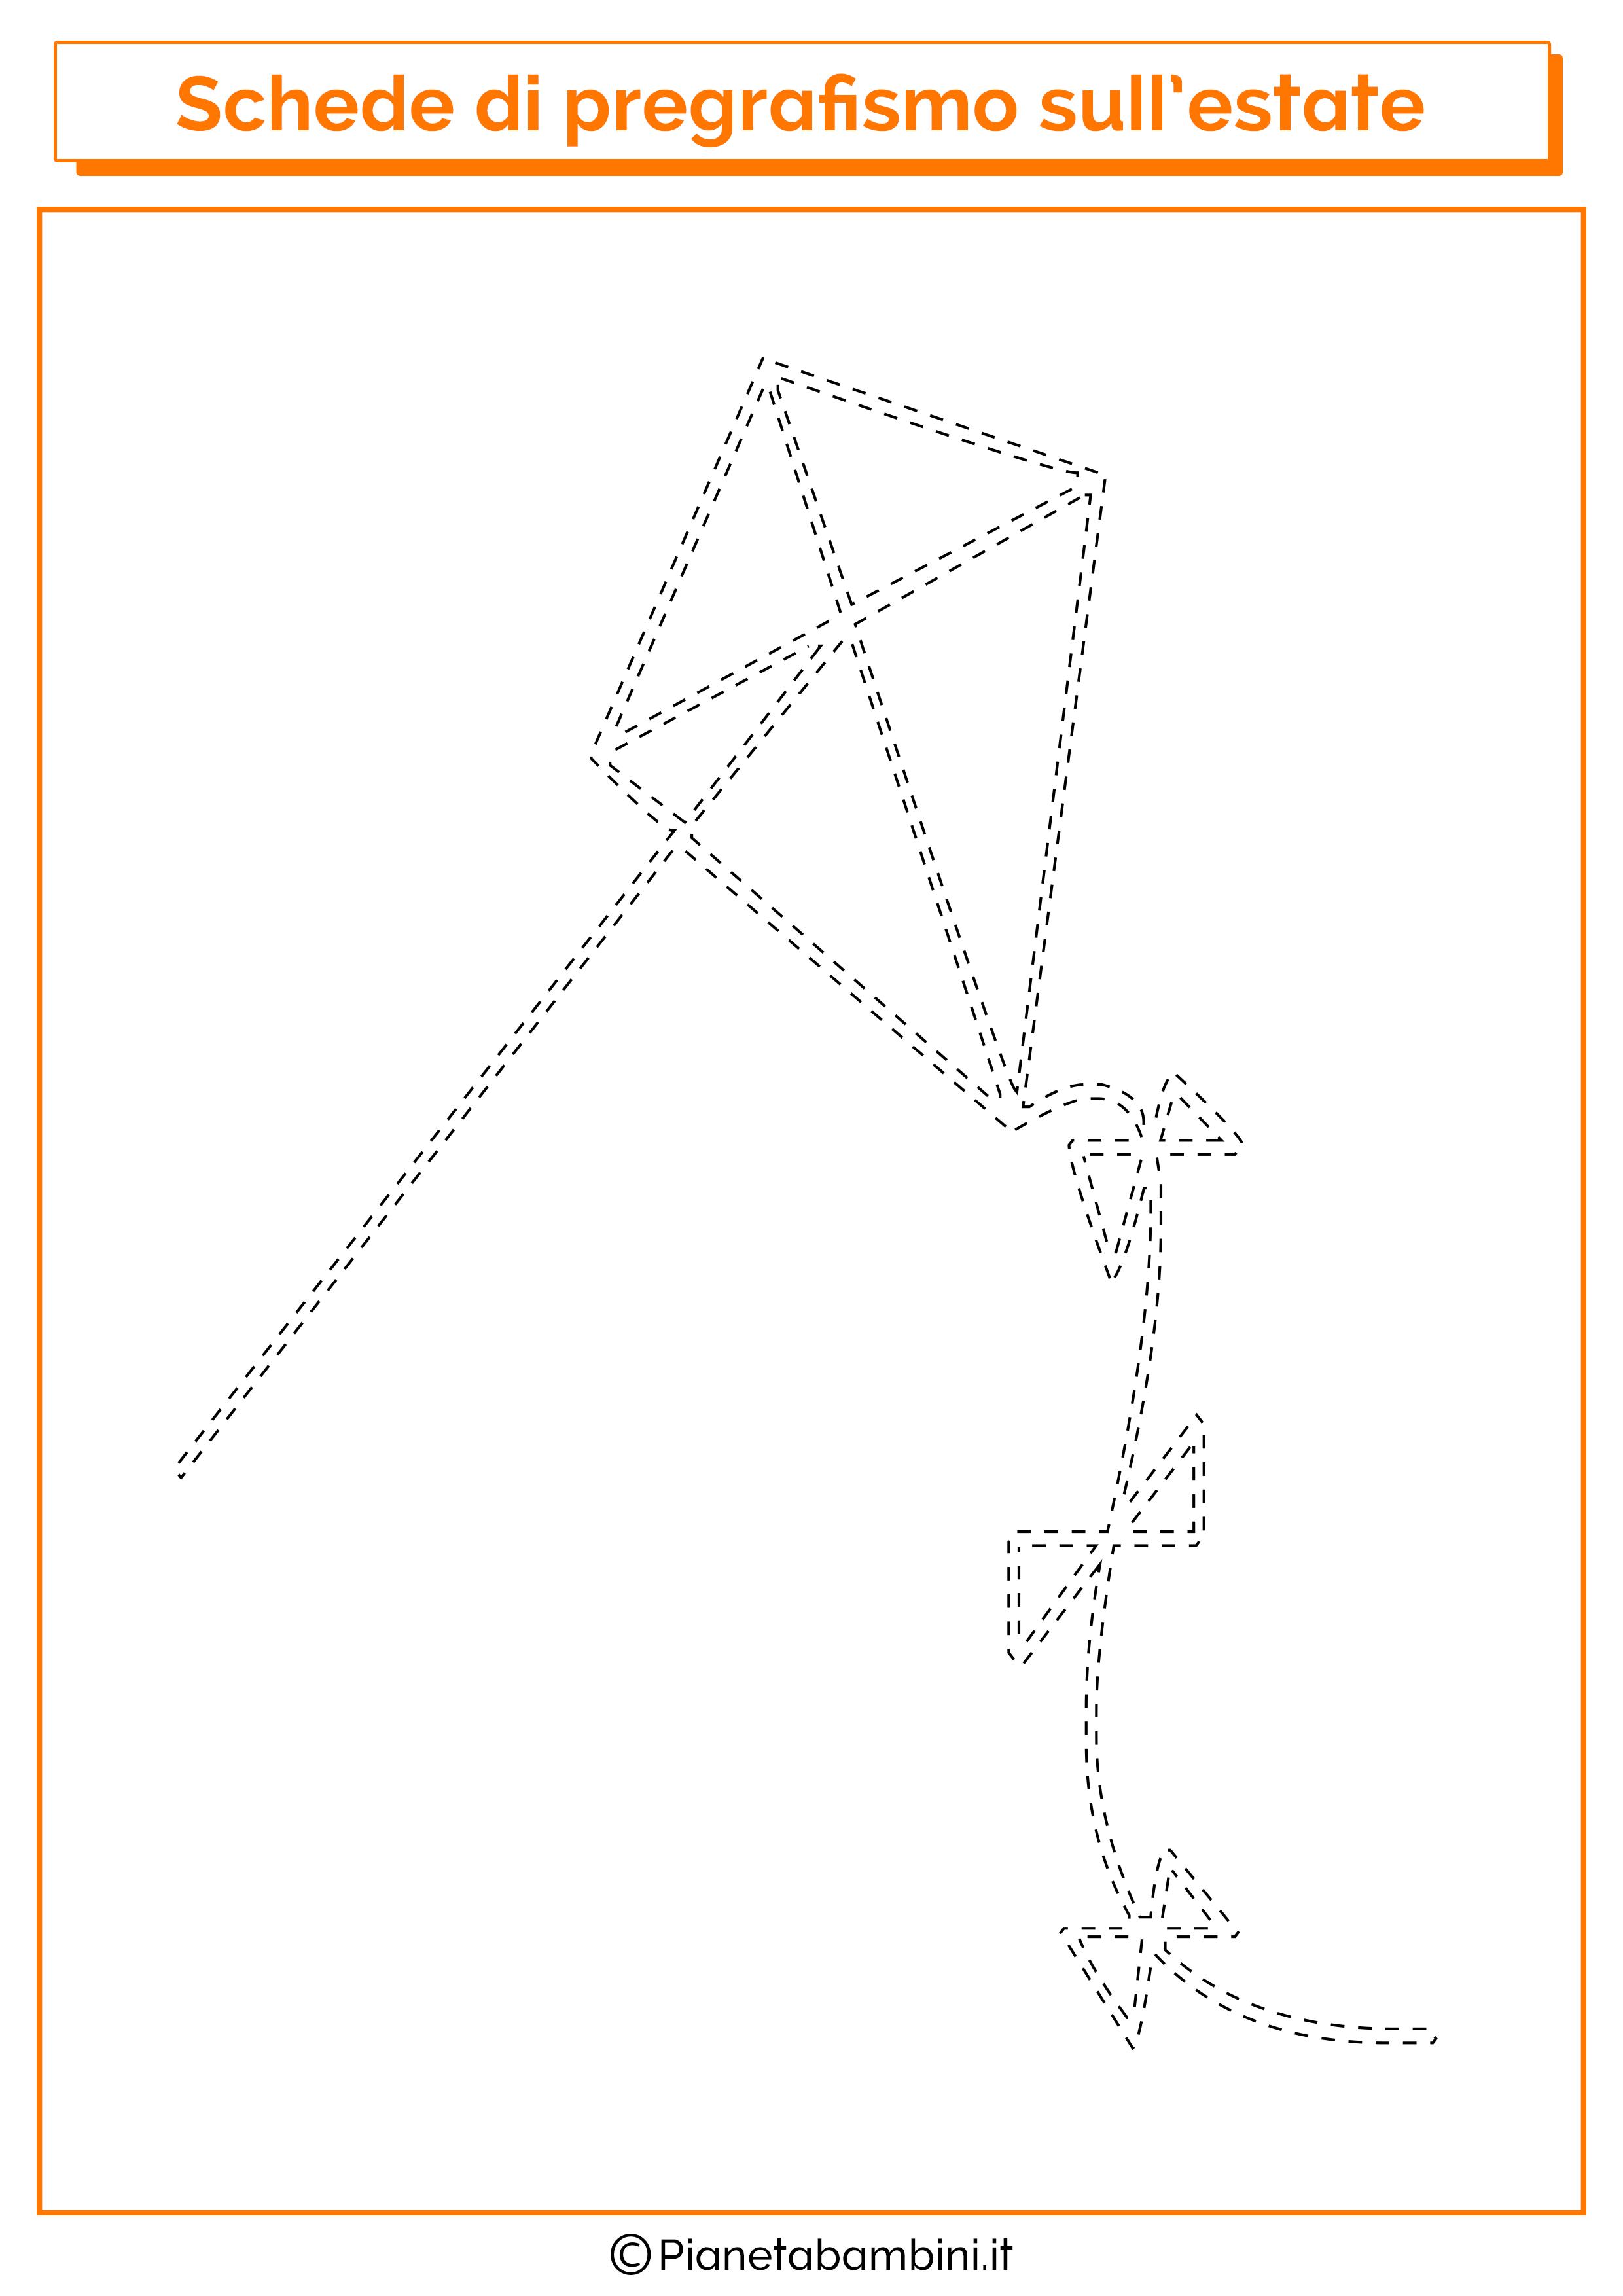 Scheda di pregrafismo sull'aquilone